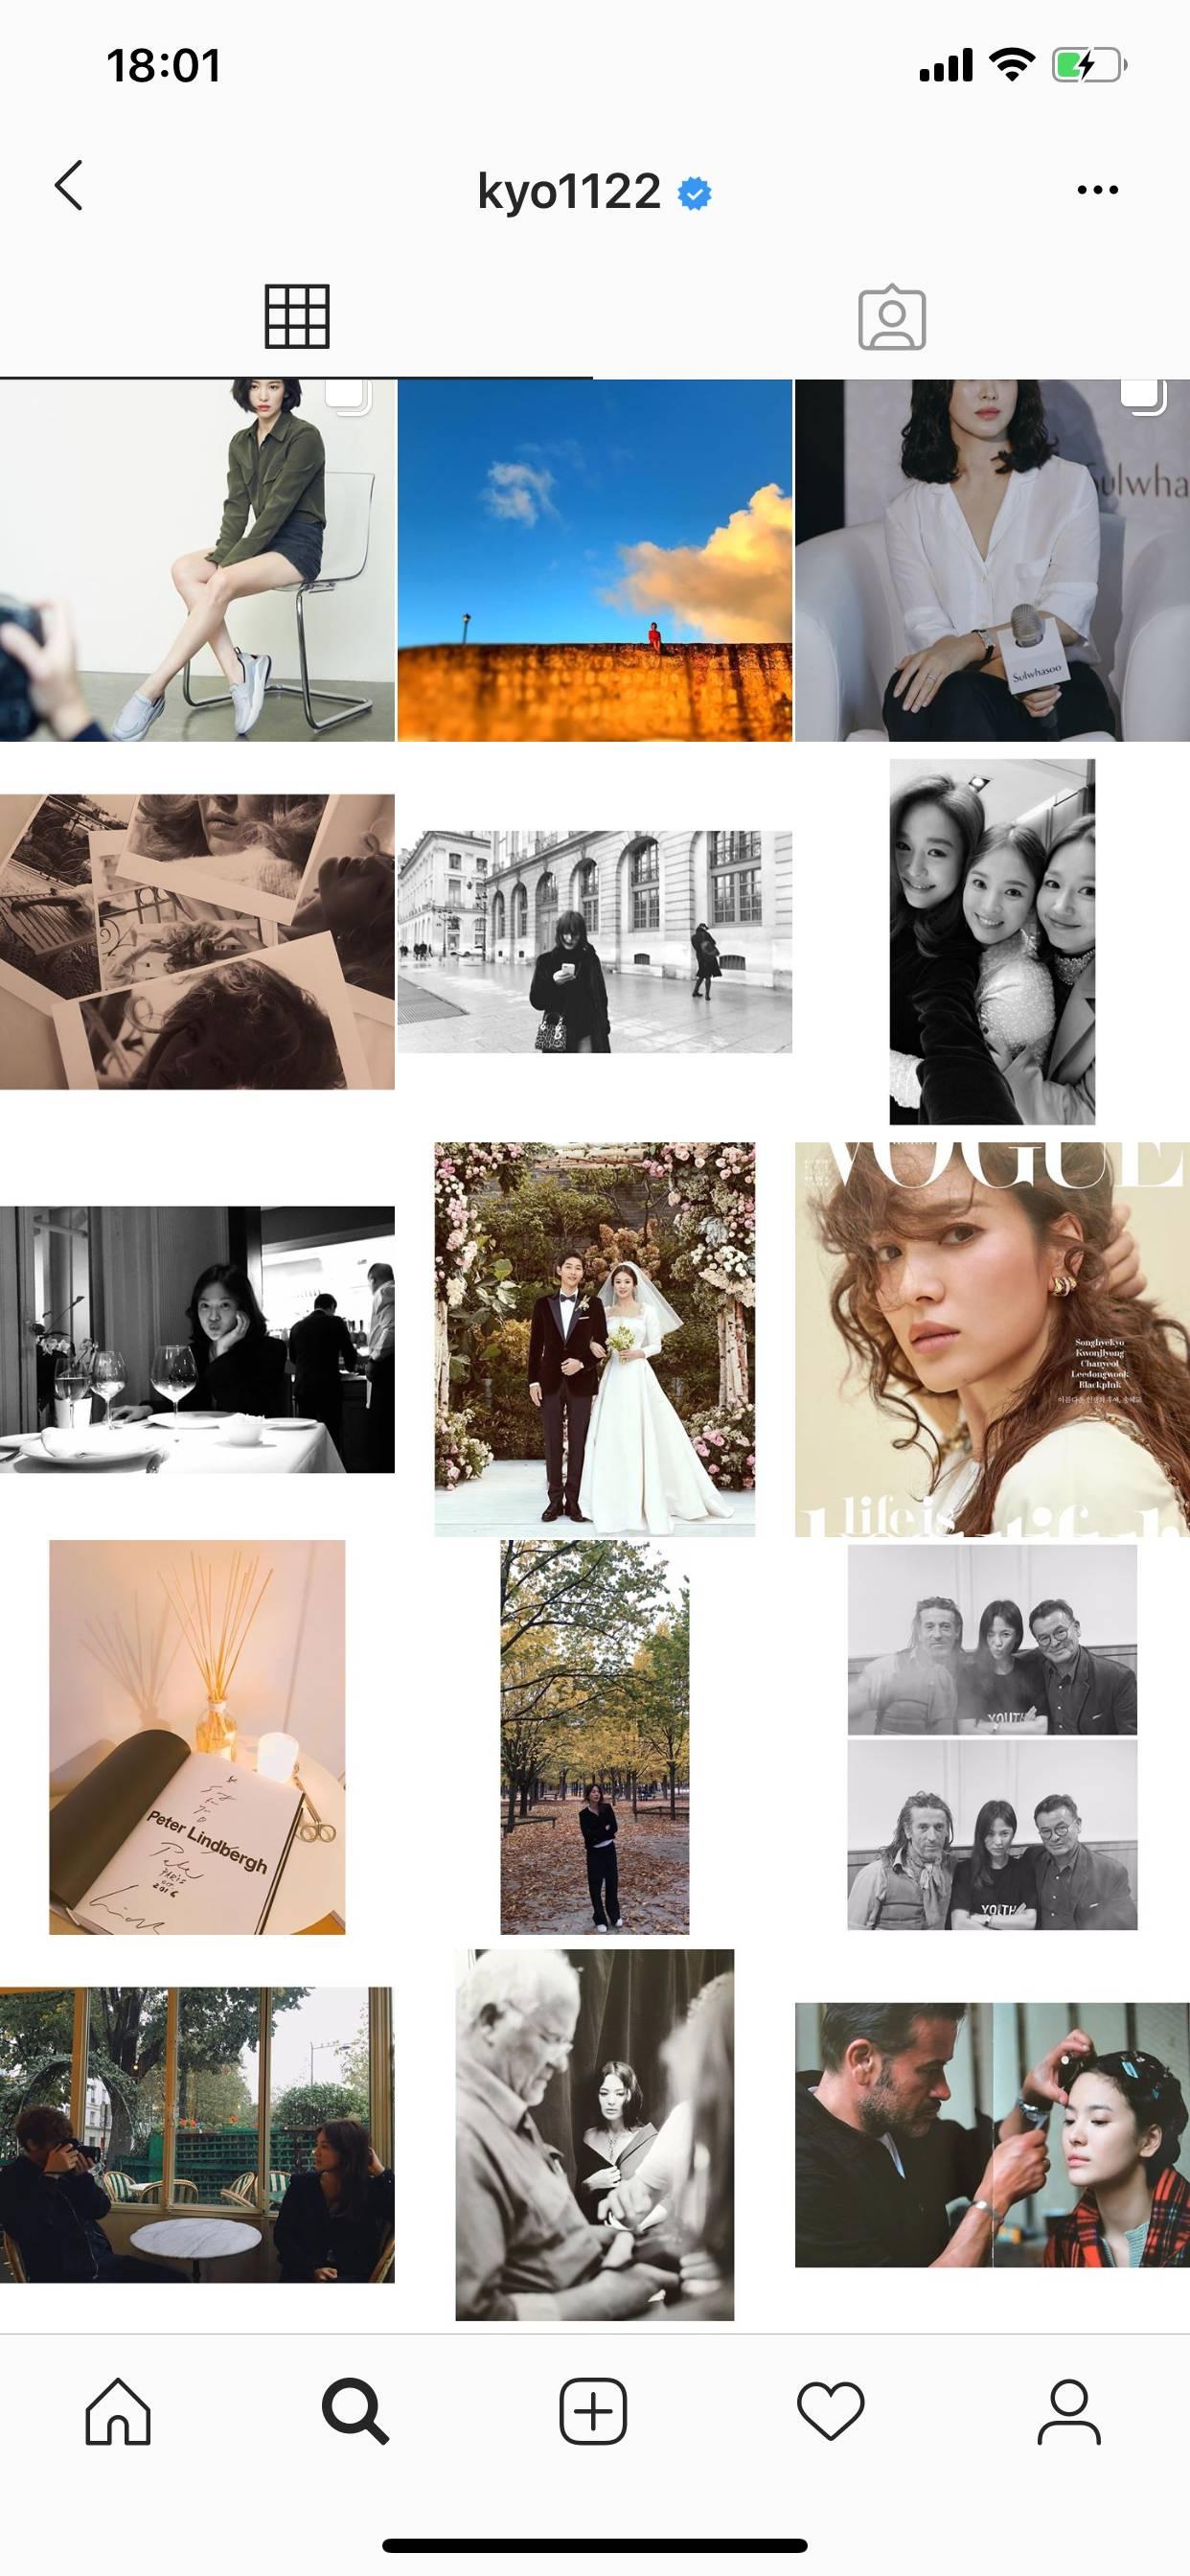 Chính thức ly dị, Song Hye Kyo đã có động thái đầu tiên: Khai tử ảnh cưới, toàn bộ dấu vết về chồng trên Instagram-3